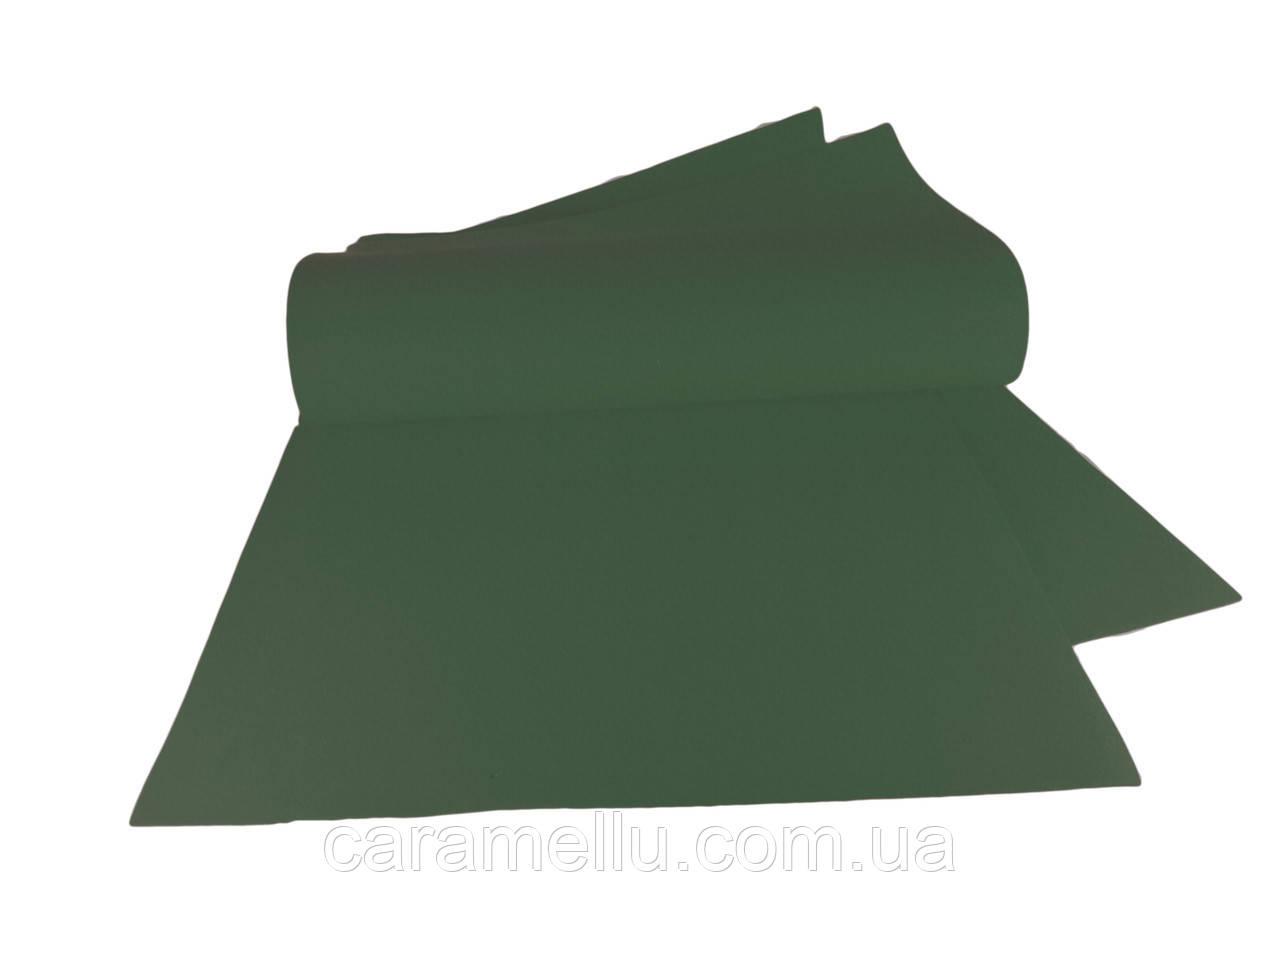 Фоамиран иранский 182, Темно-темно зеленый, 1мм, 70х30см.